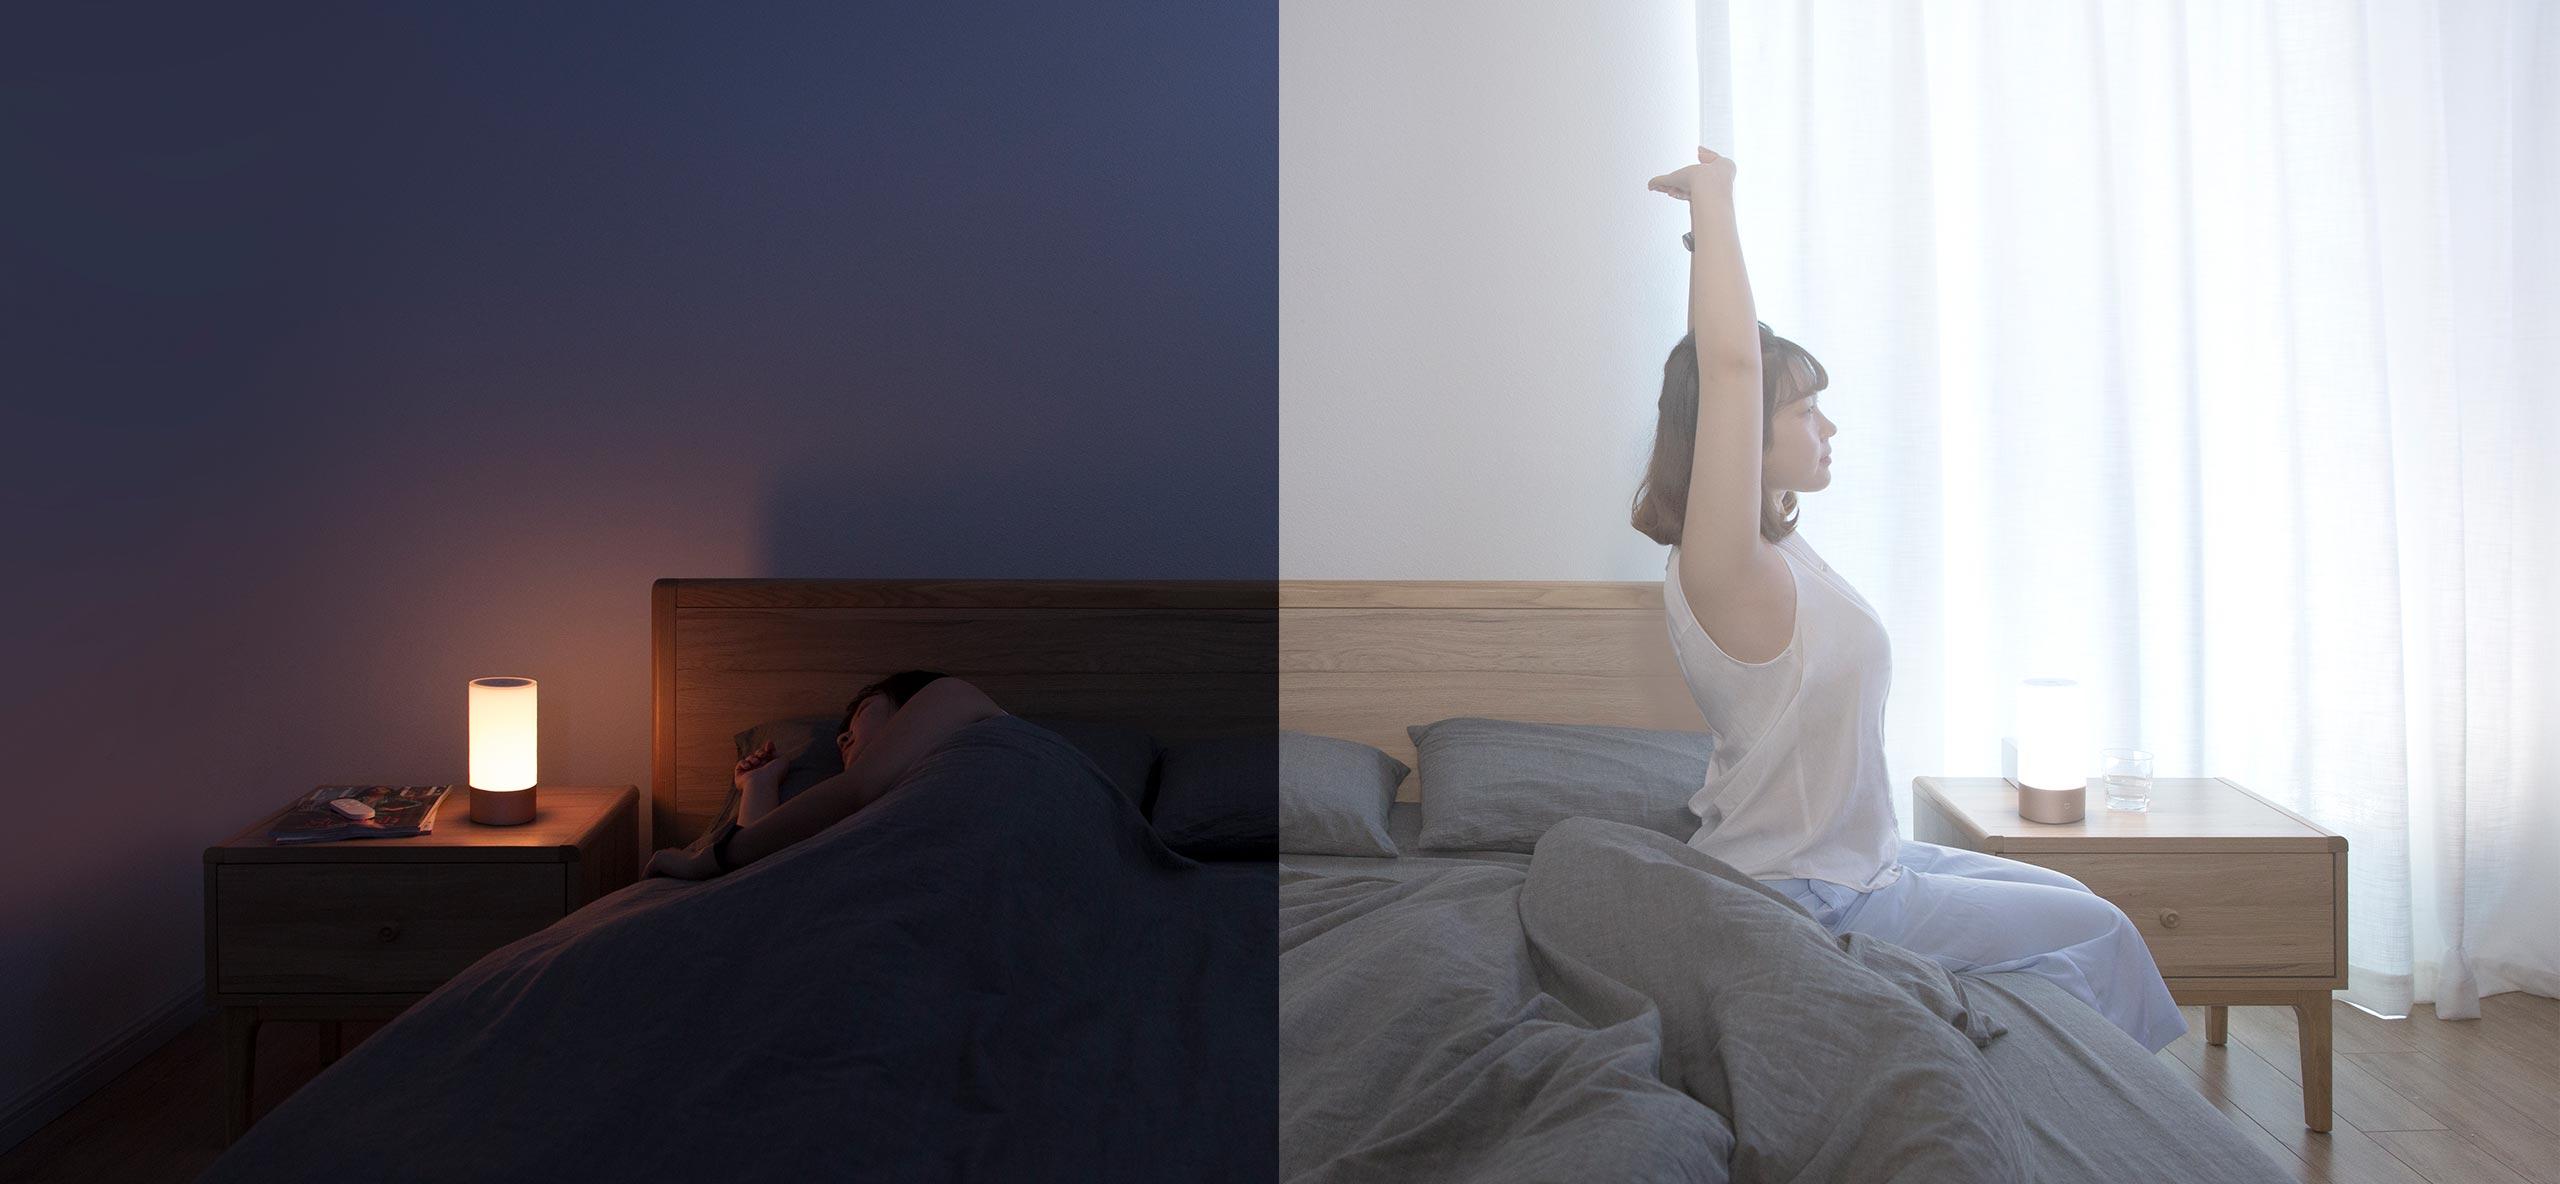 mj-bedsidelamp-07.jpg